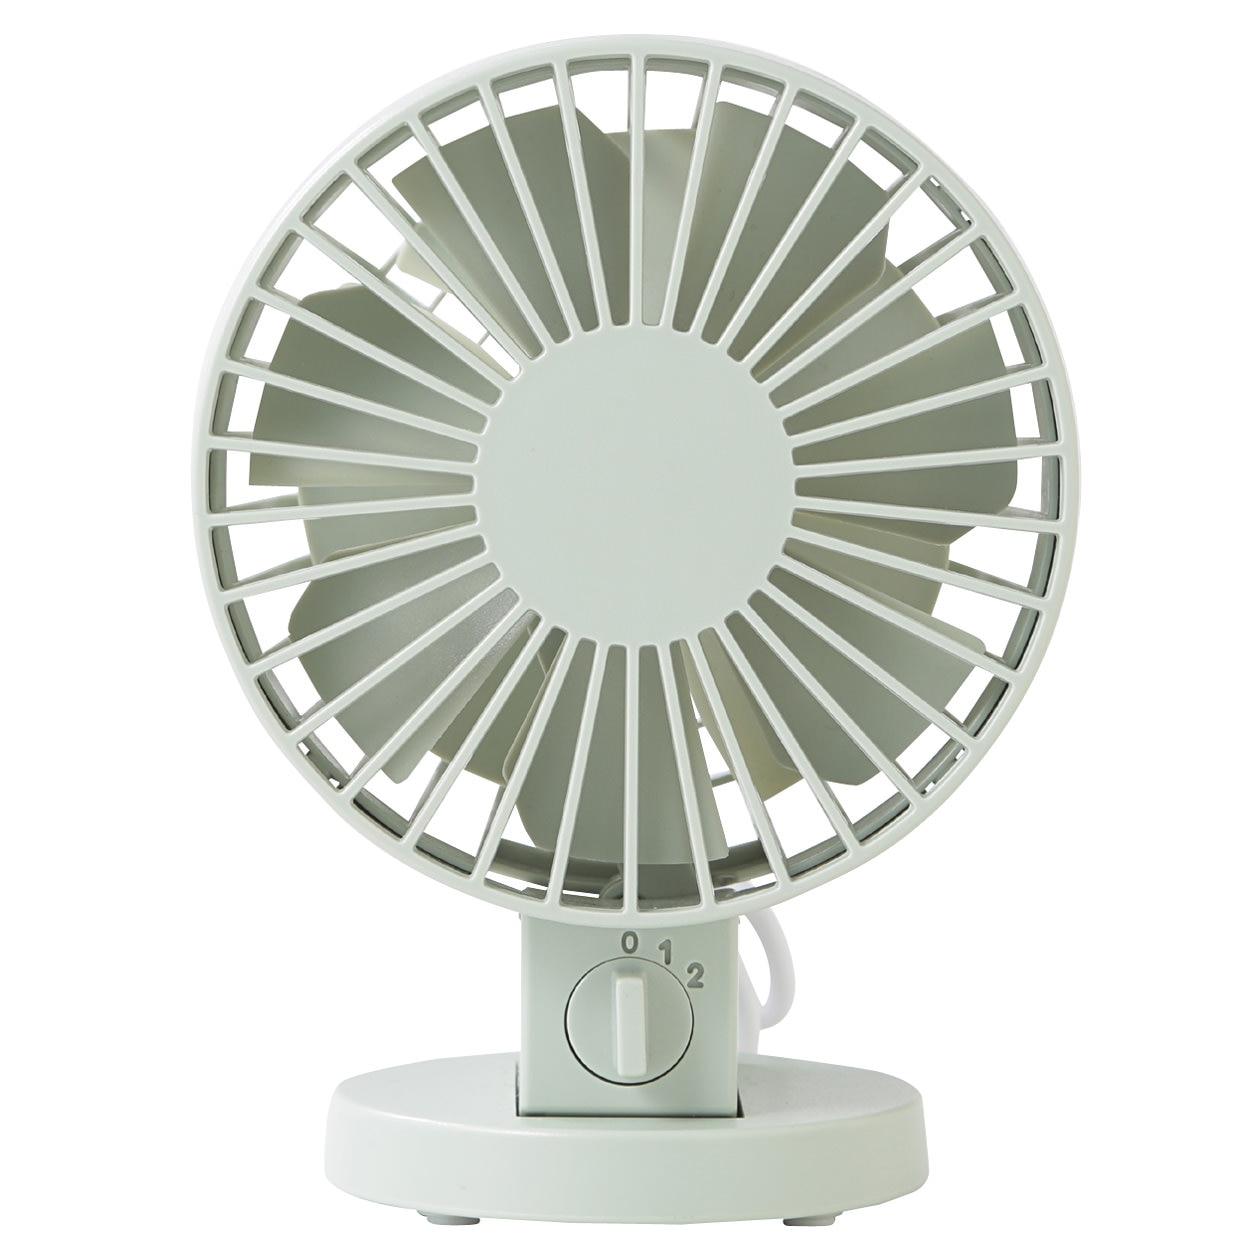 Usb Desk Fan Low Noise Green